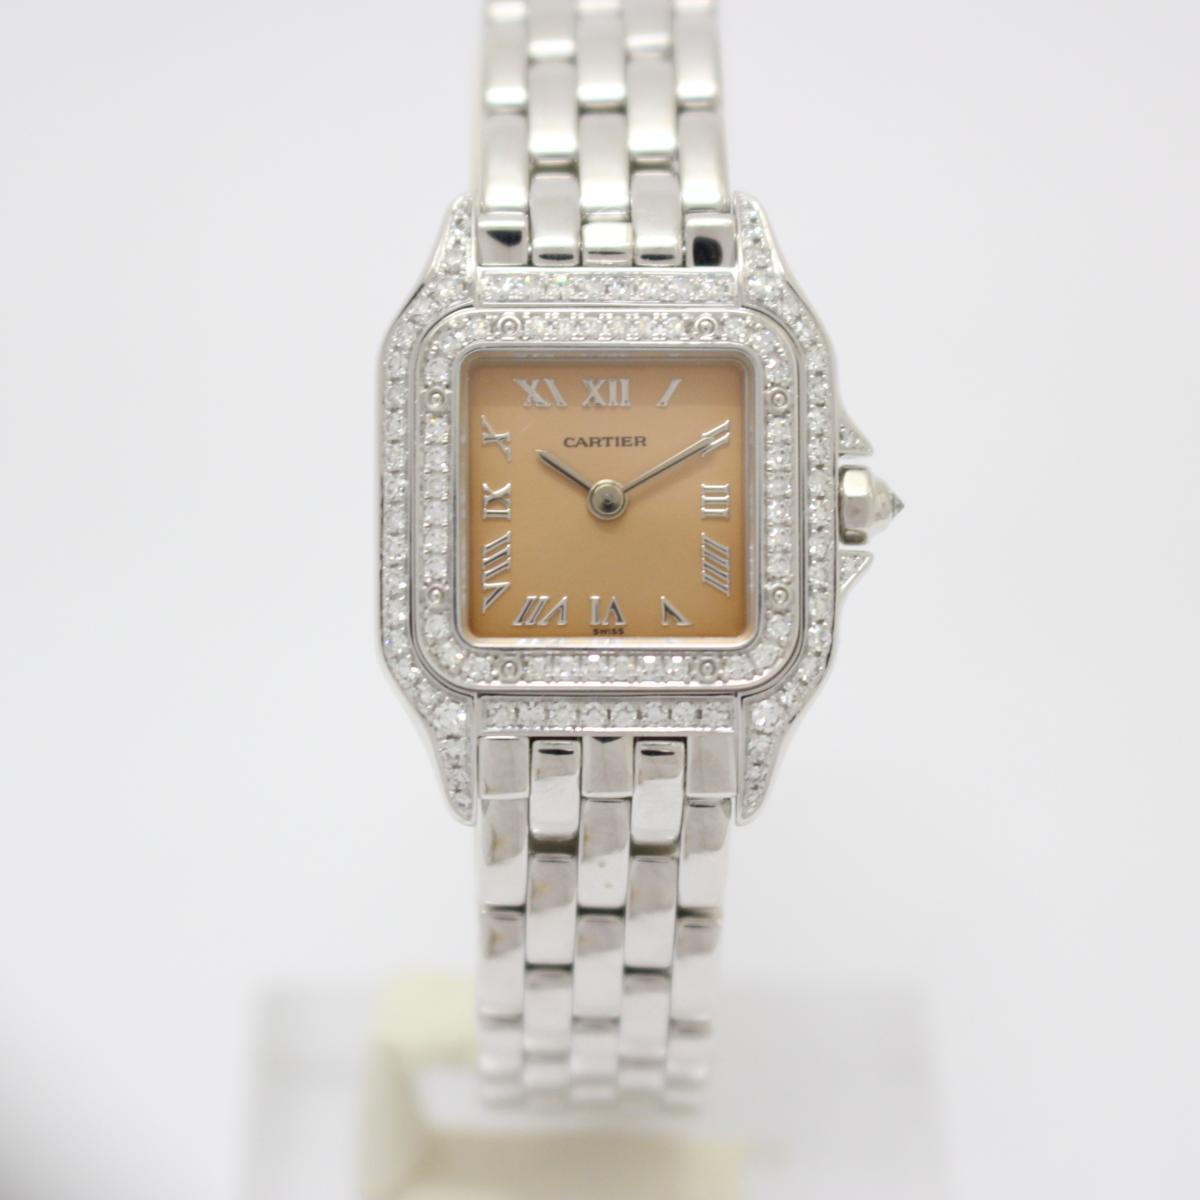 【中古】カルティエ パンテールSM 2重ダイヤモンドベゼル レディースウォッチ 腕時計 レディース K18WG(750)ホワイトゴールド×ダイヤモンド (WF3245F3)